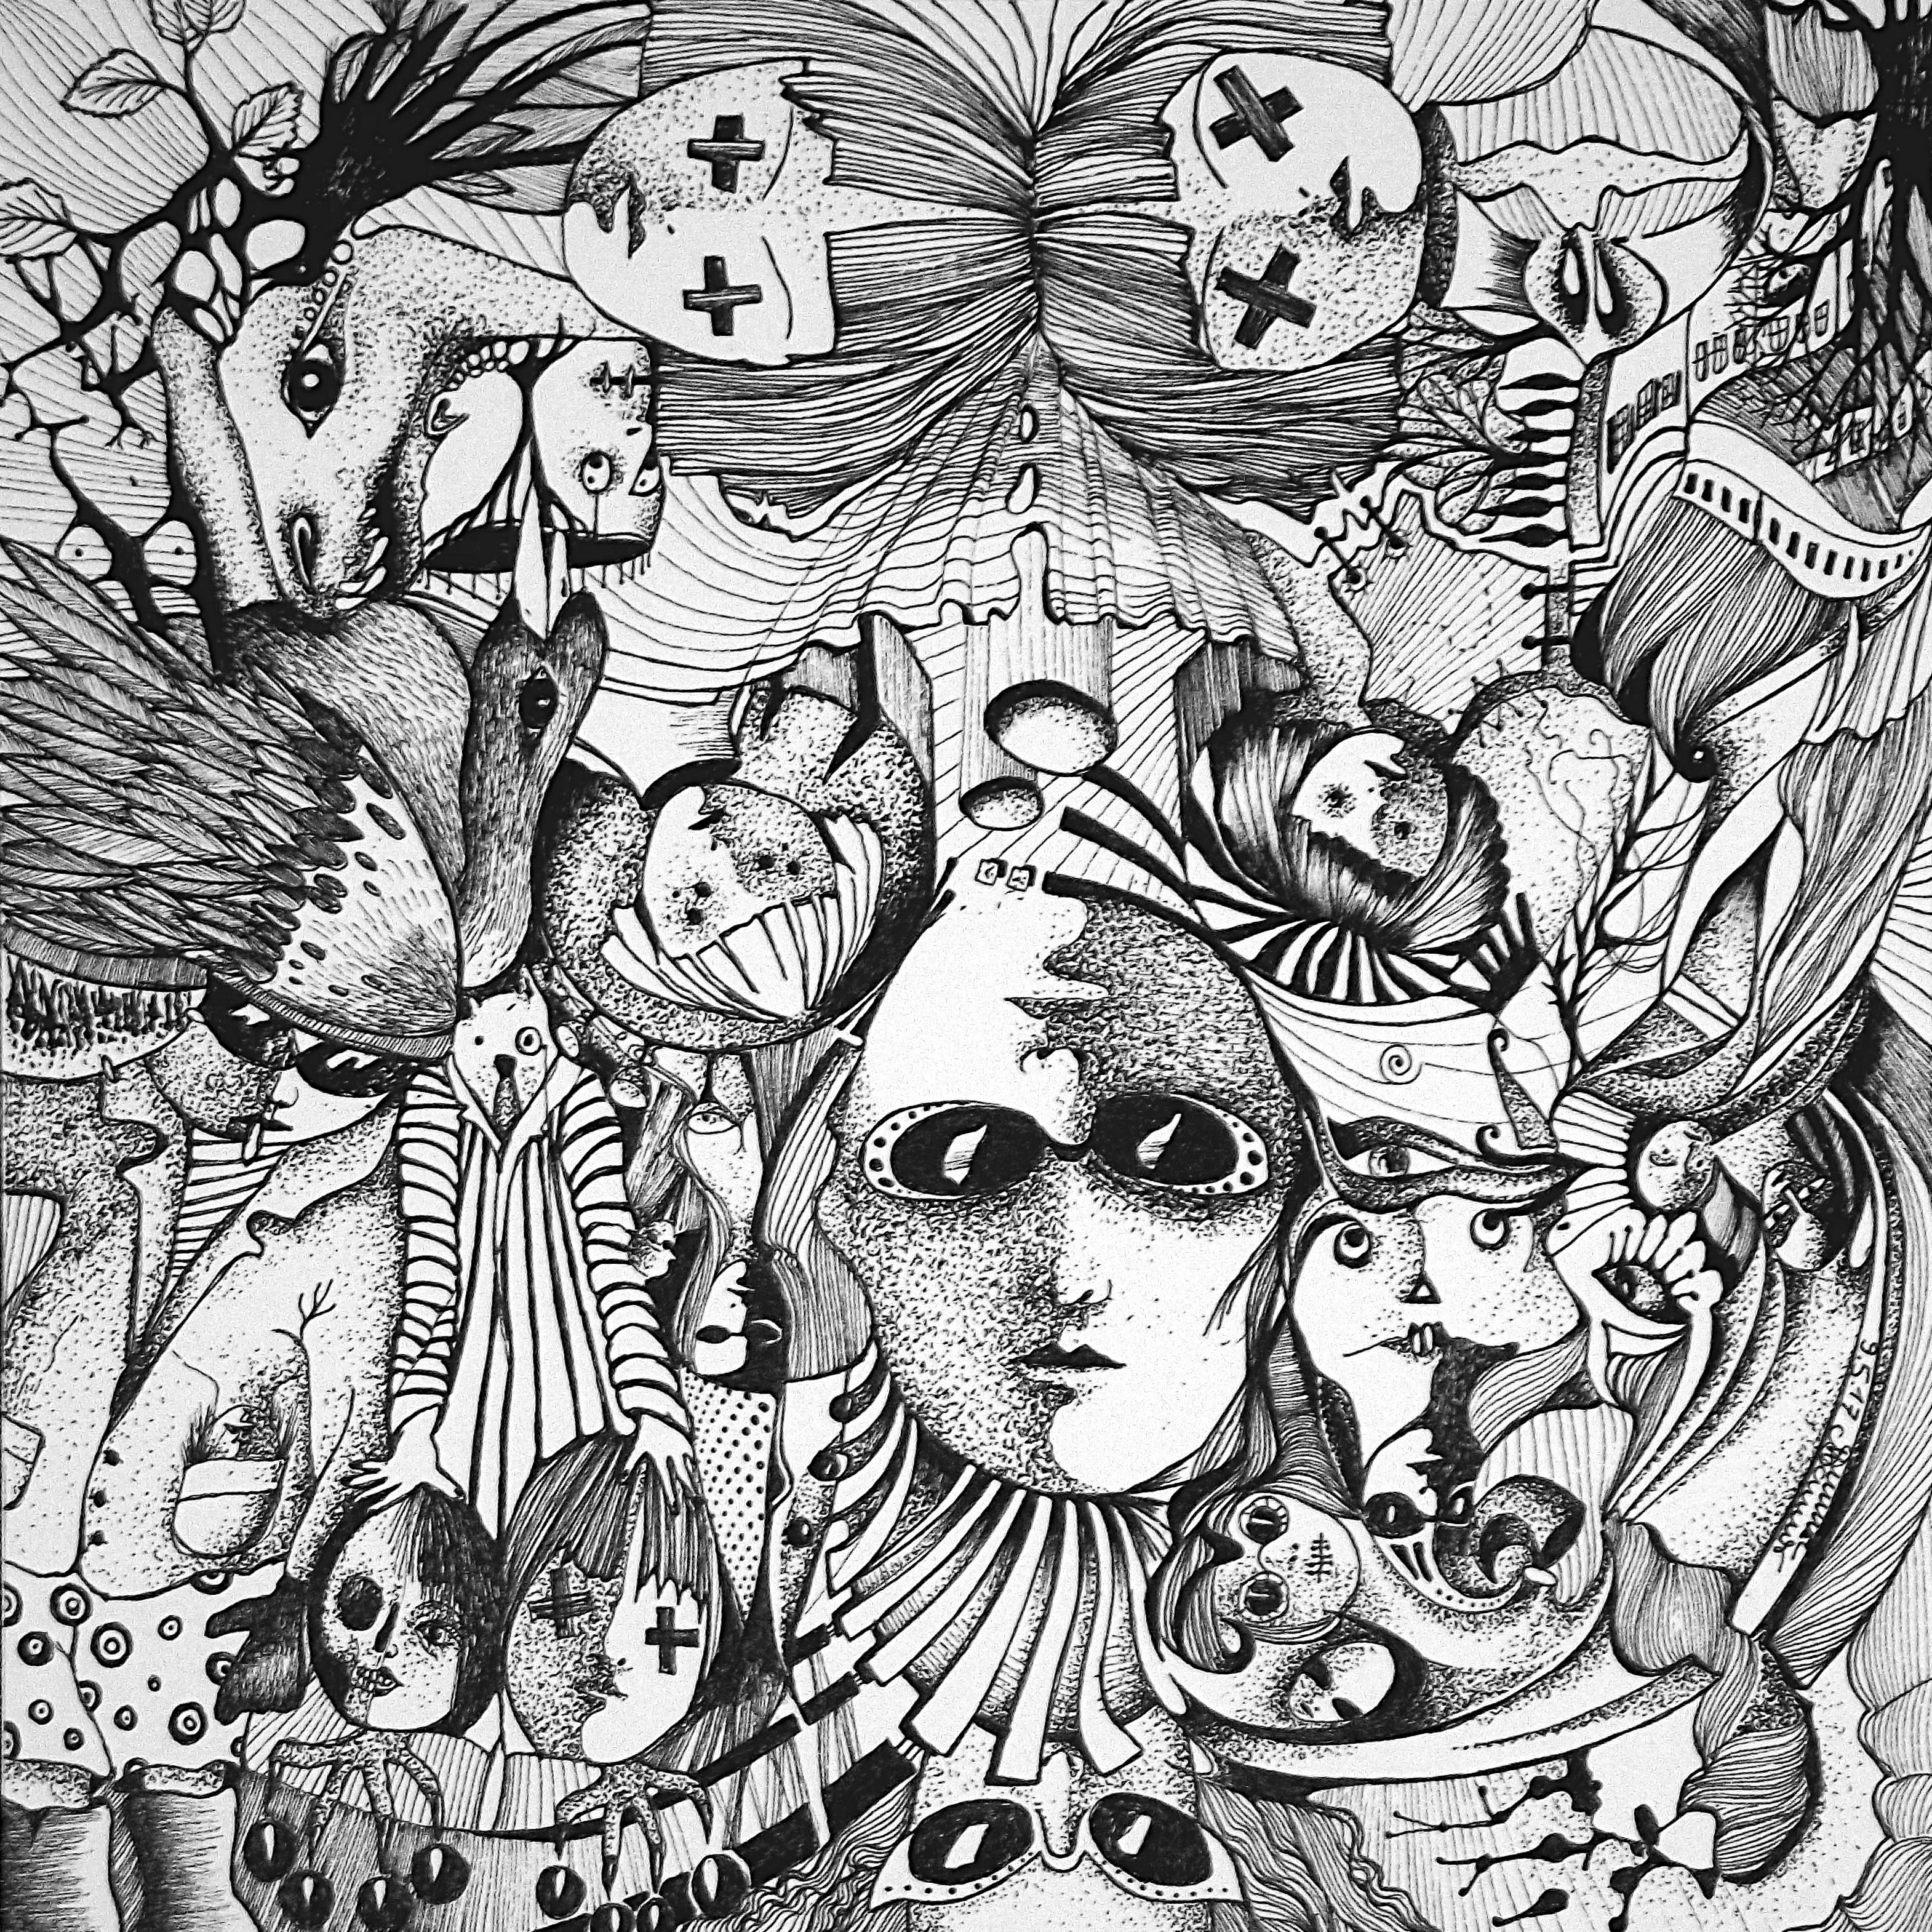 Zeichnung Nr. 42 | Tinte auf Papier | 18,5 x 18,5 cm (Papierformat 25 x 25 cm) - um 180° gedreht